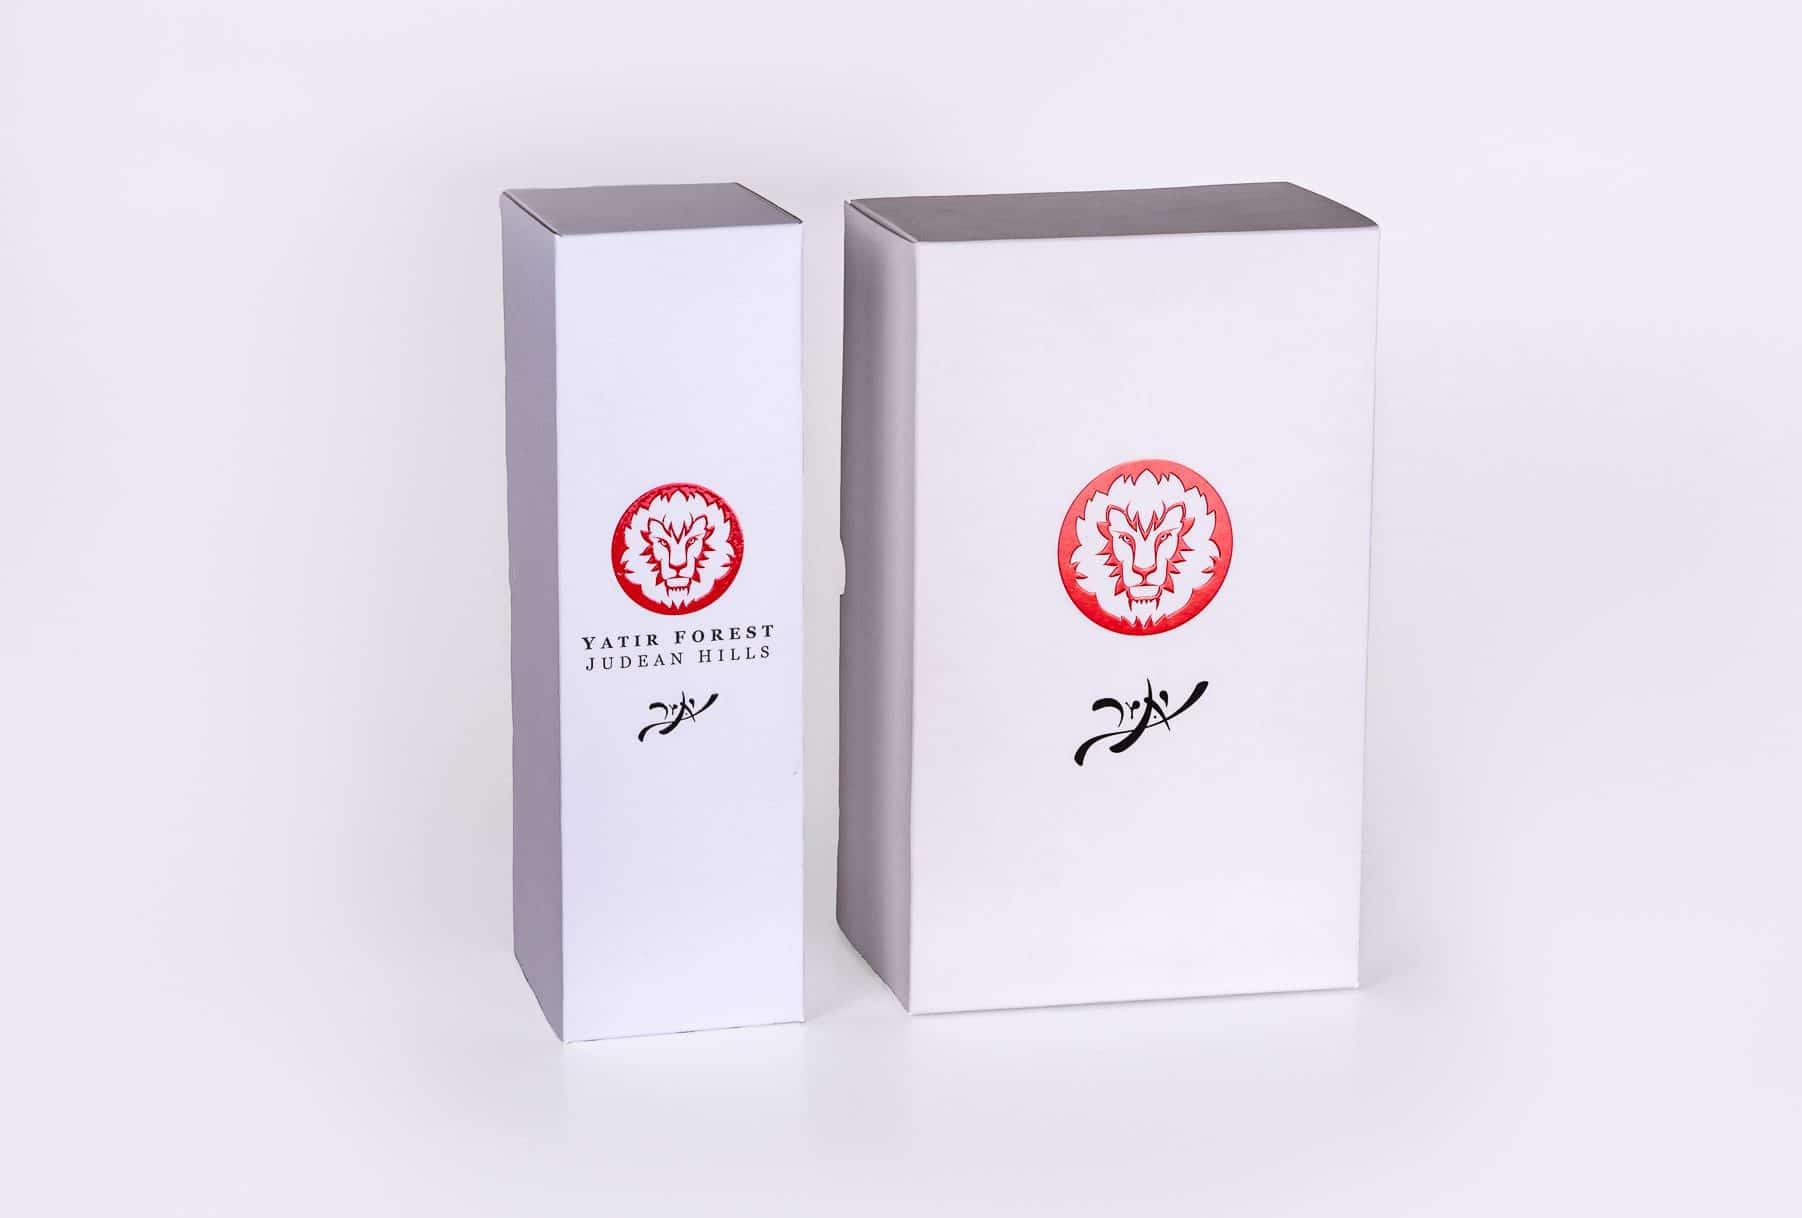 אריזות קרטון ליינות של יקבי יתיר בצבע לבן עם לוגו בצבע אדום מובלט